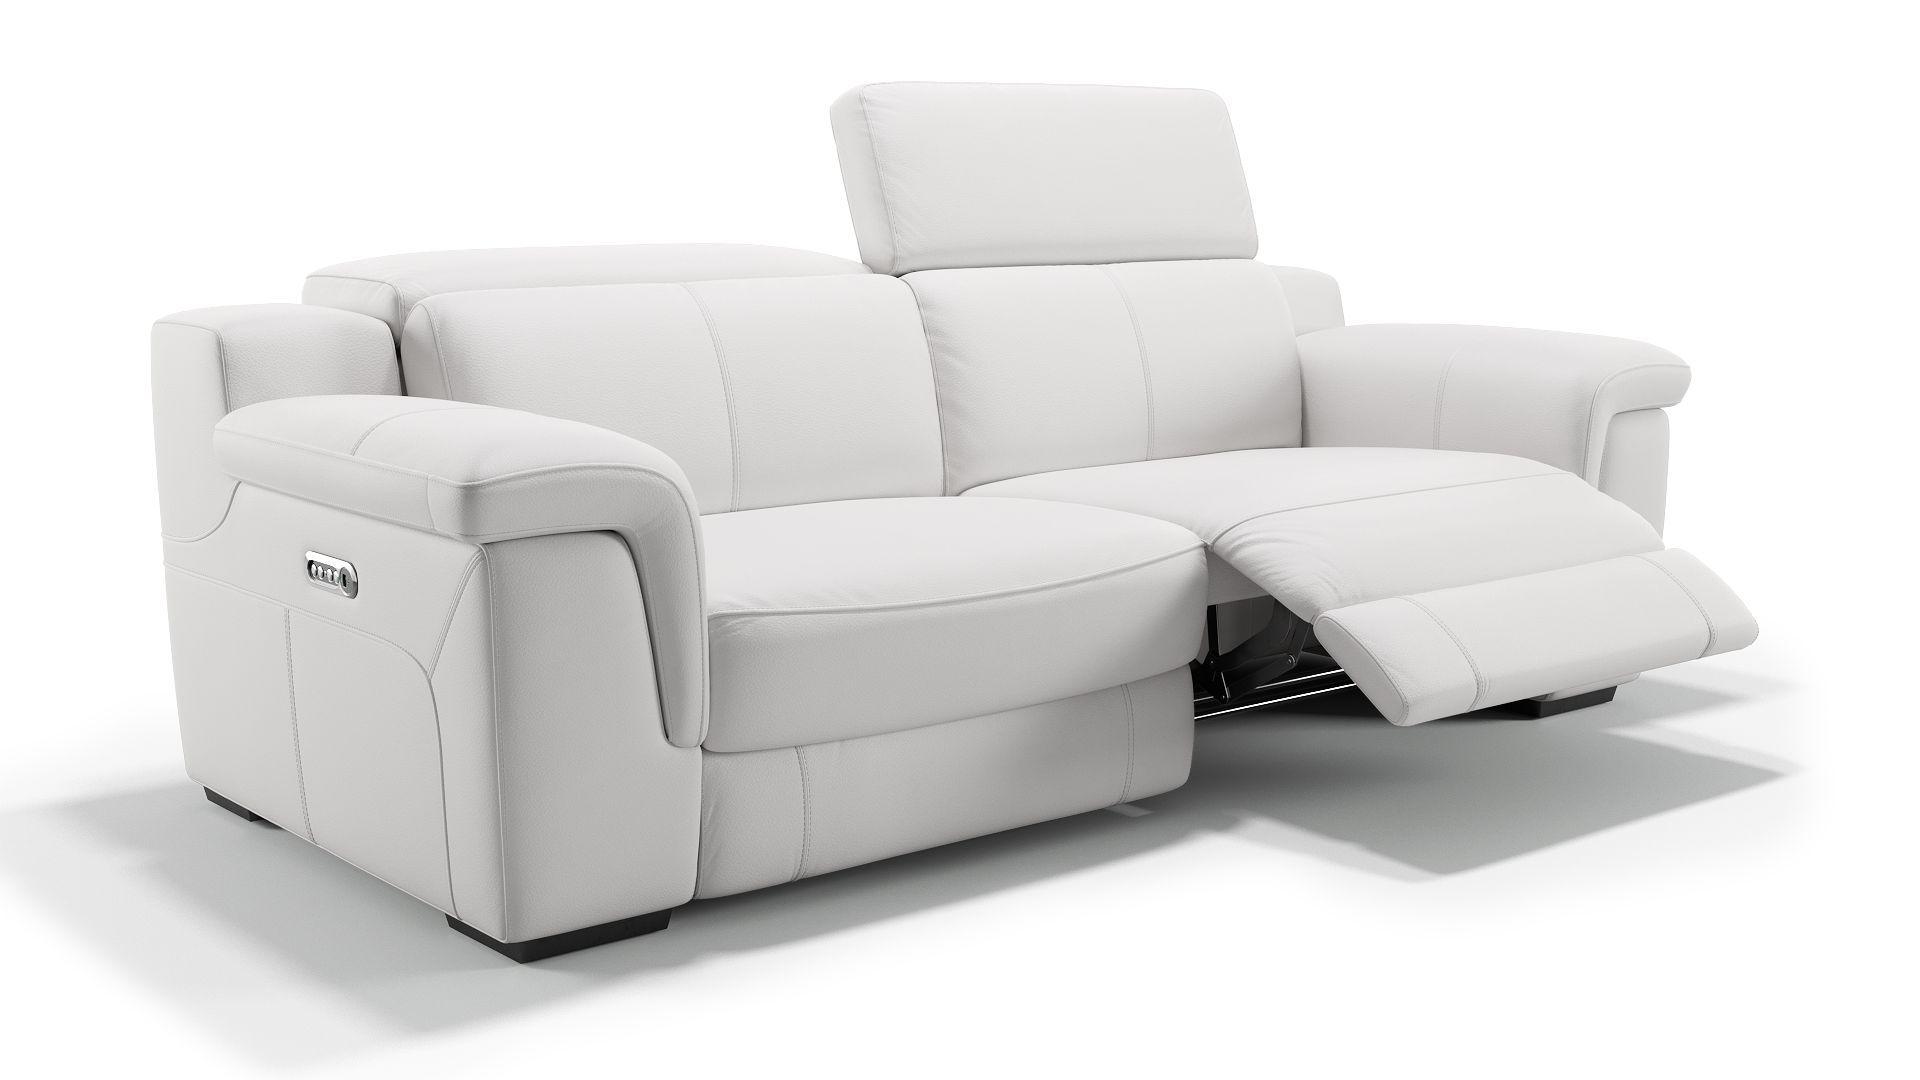 Full Size of Couch Elektrisch Geladen Was Tun Sofa Ist Statisch Aufgeladen Was Aufgeladen Warum Mein Wenn Leder Elektrische Sitztiefenverstellung Verstellbar Mit Sofa Sofa Elektrisch